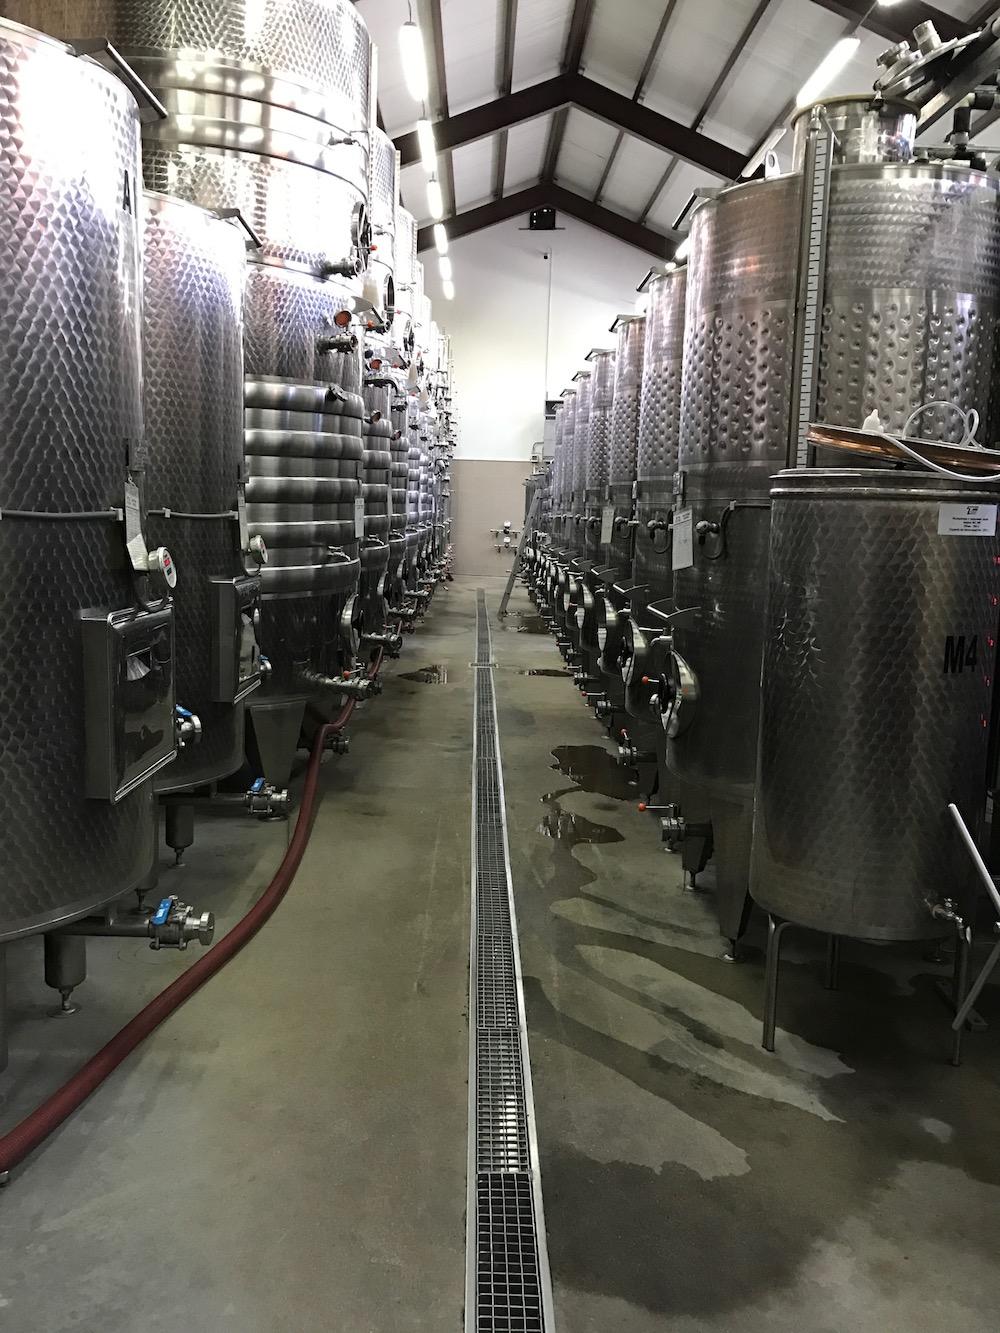 The cellar at Villa Yustina